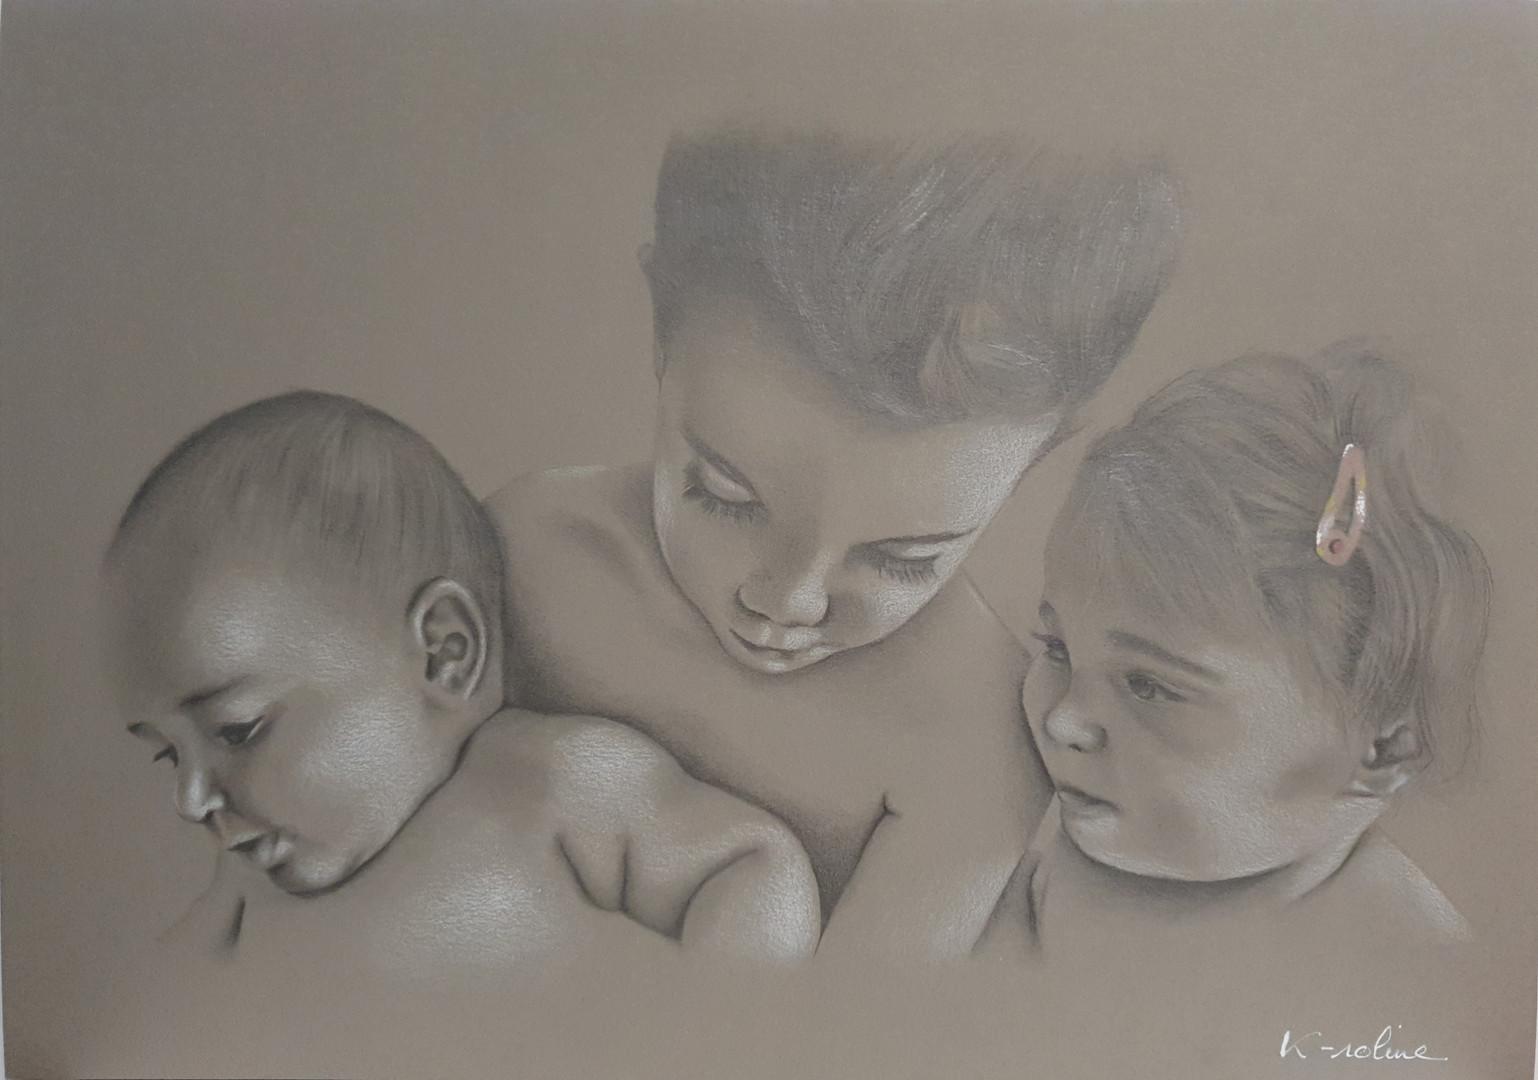 3 faces portrait